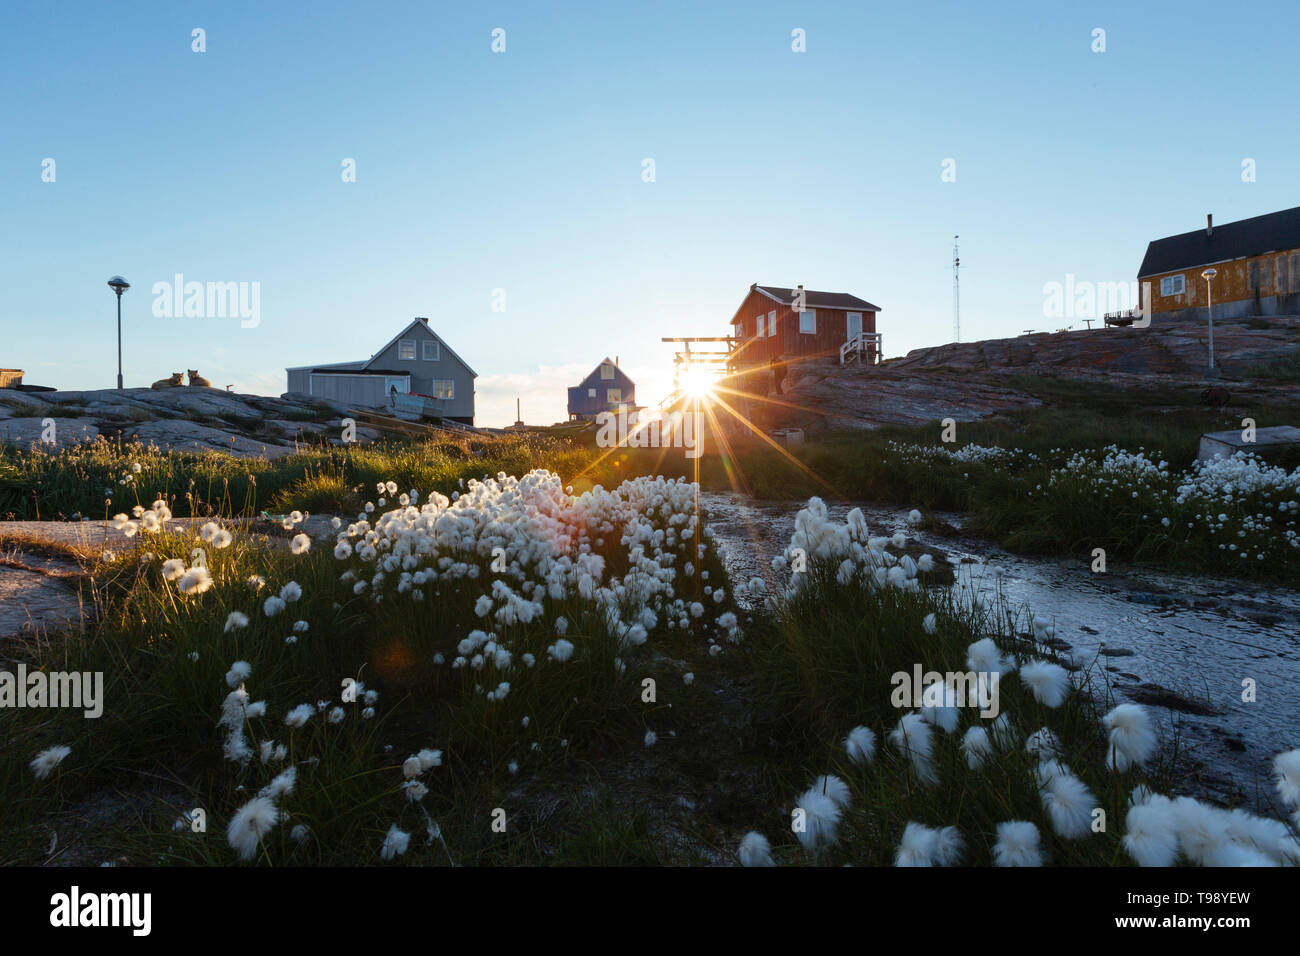 Village de la baie de Disko au Groenland, au milieu de l'été Banque D'Images